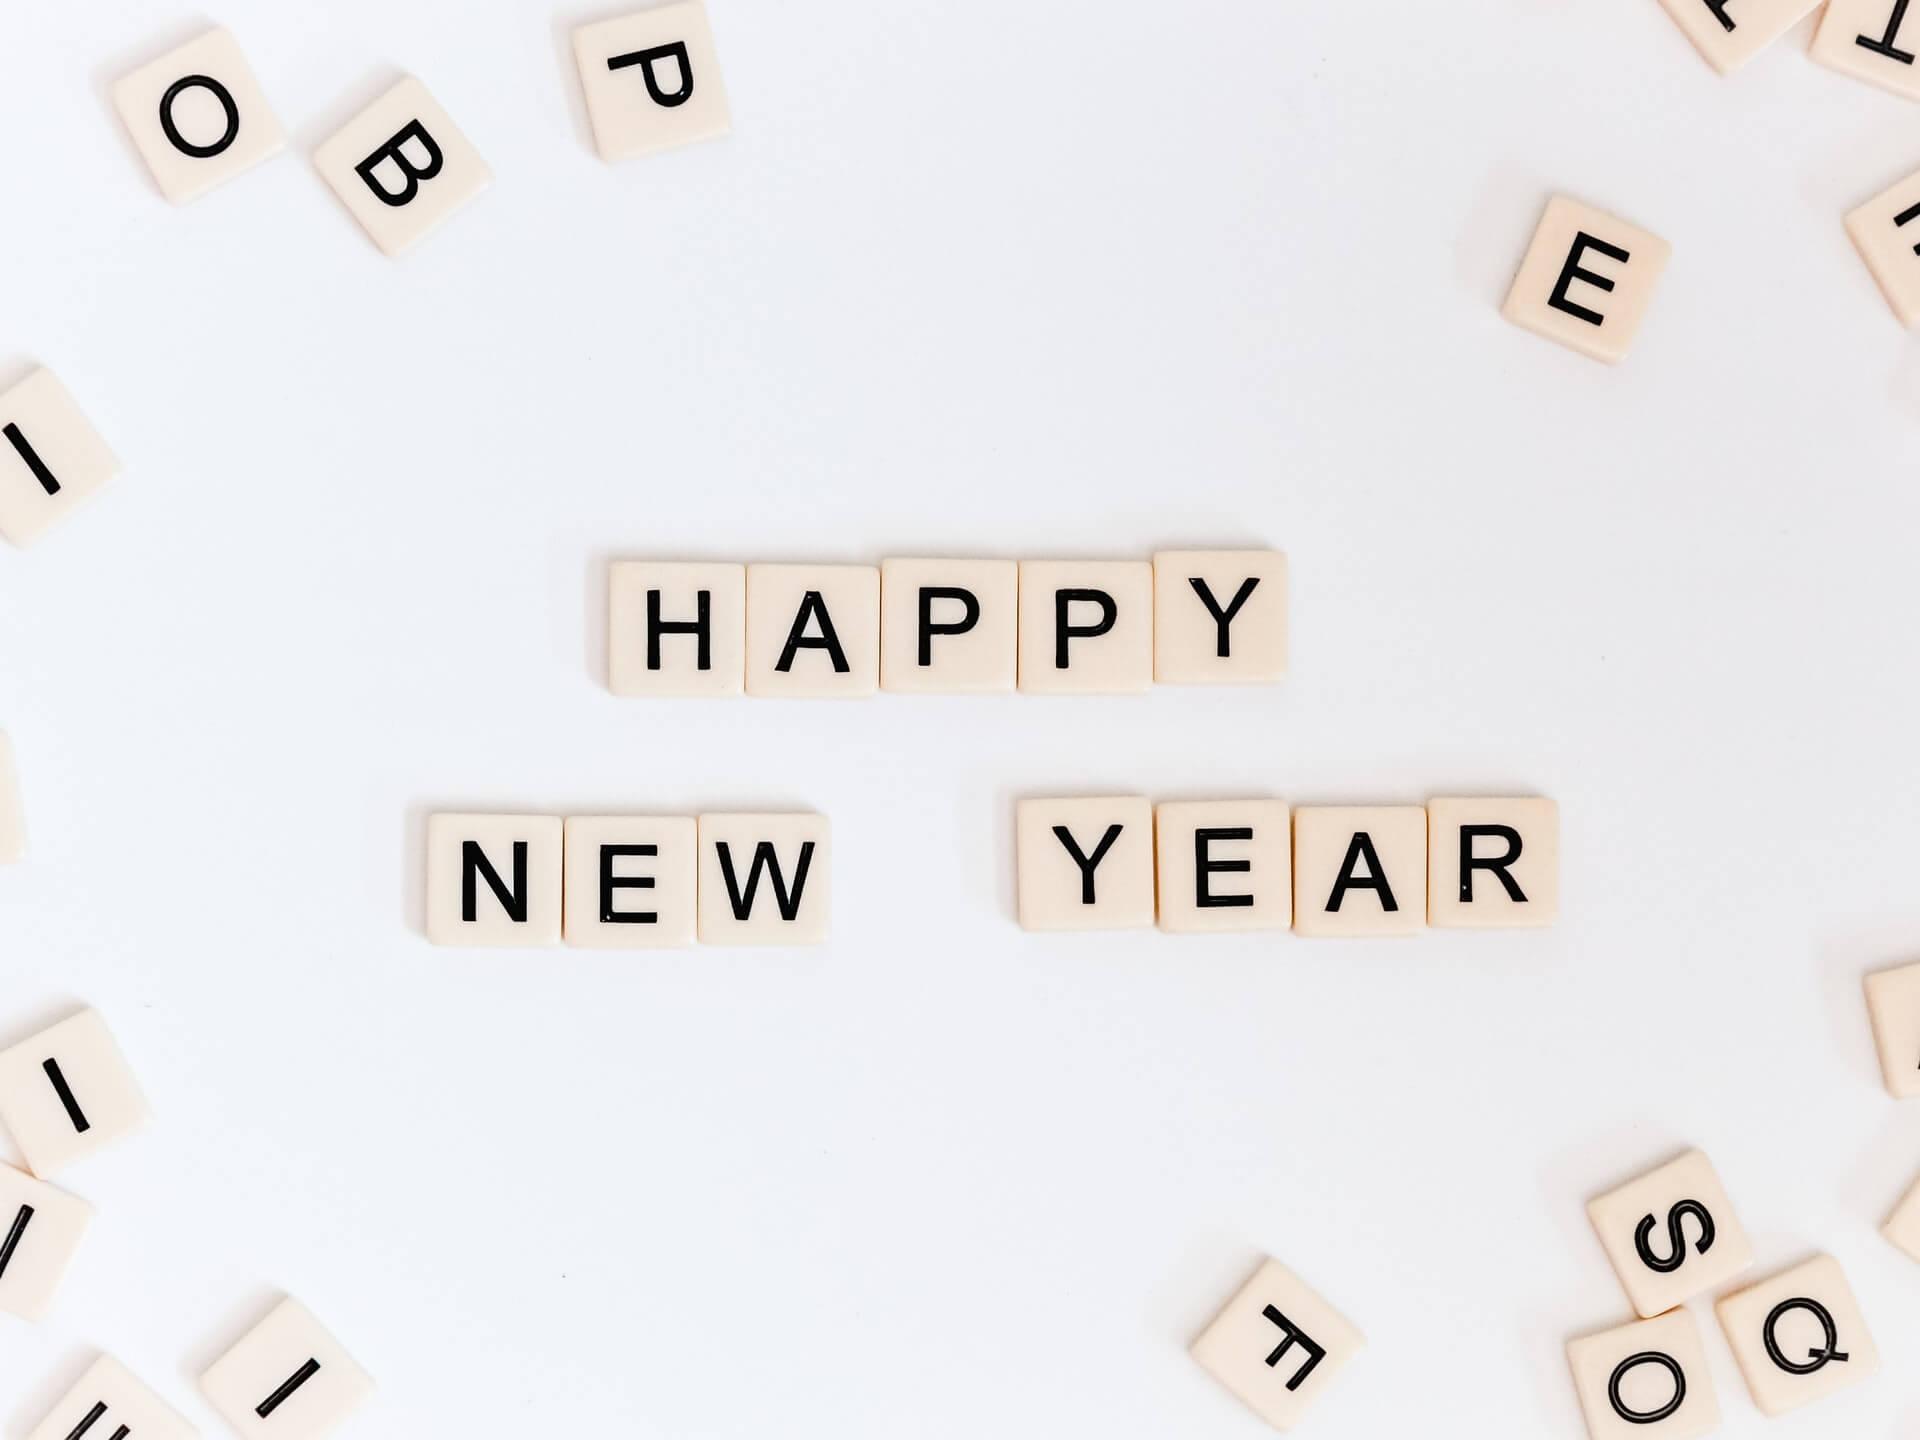 Happy New Year Wishing Photo